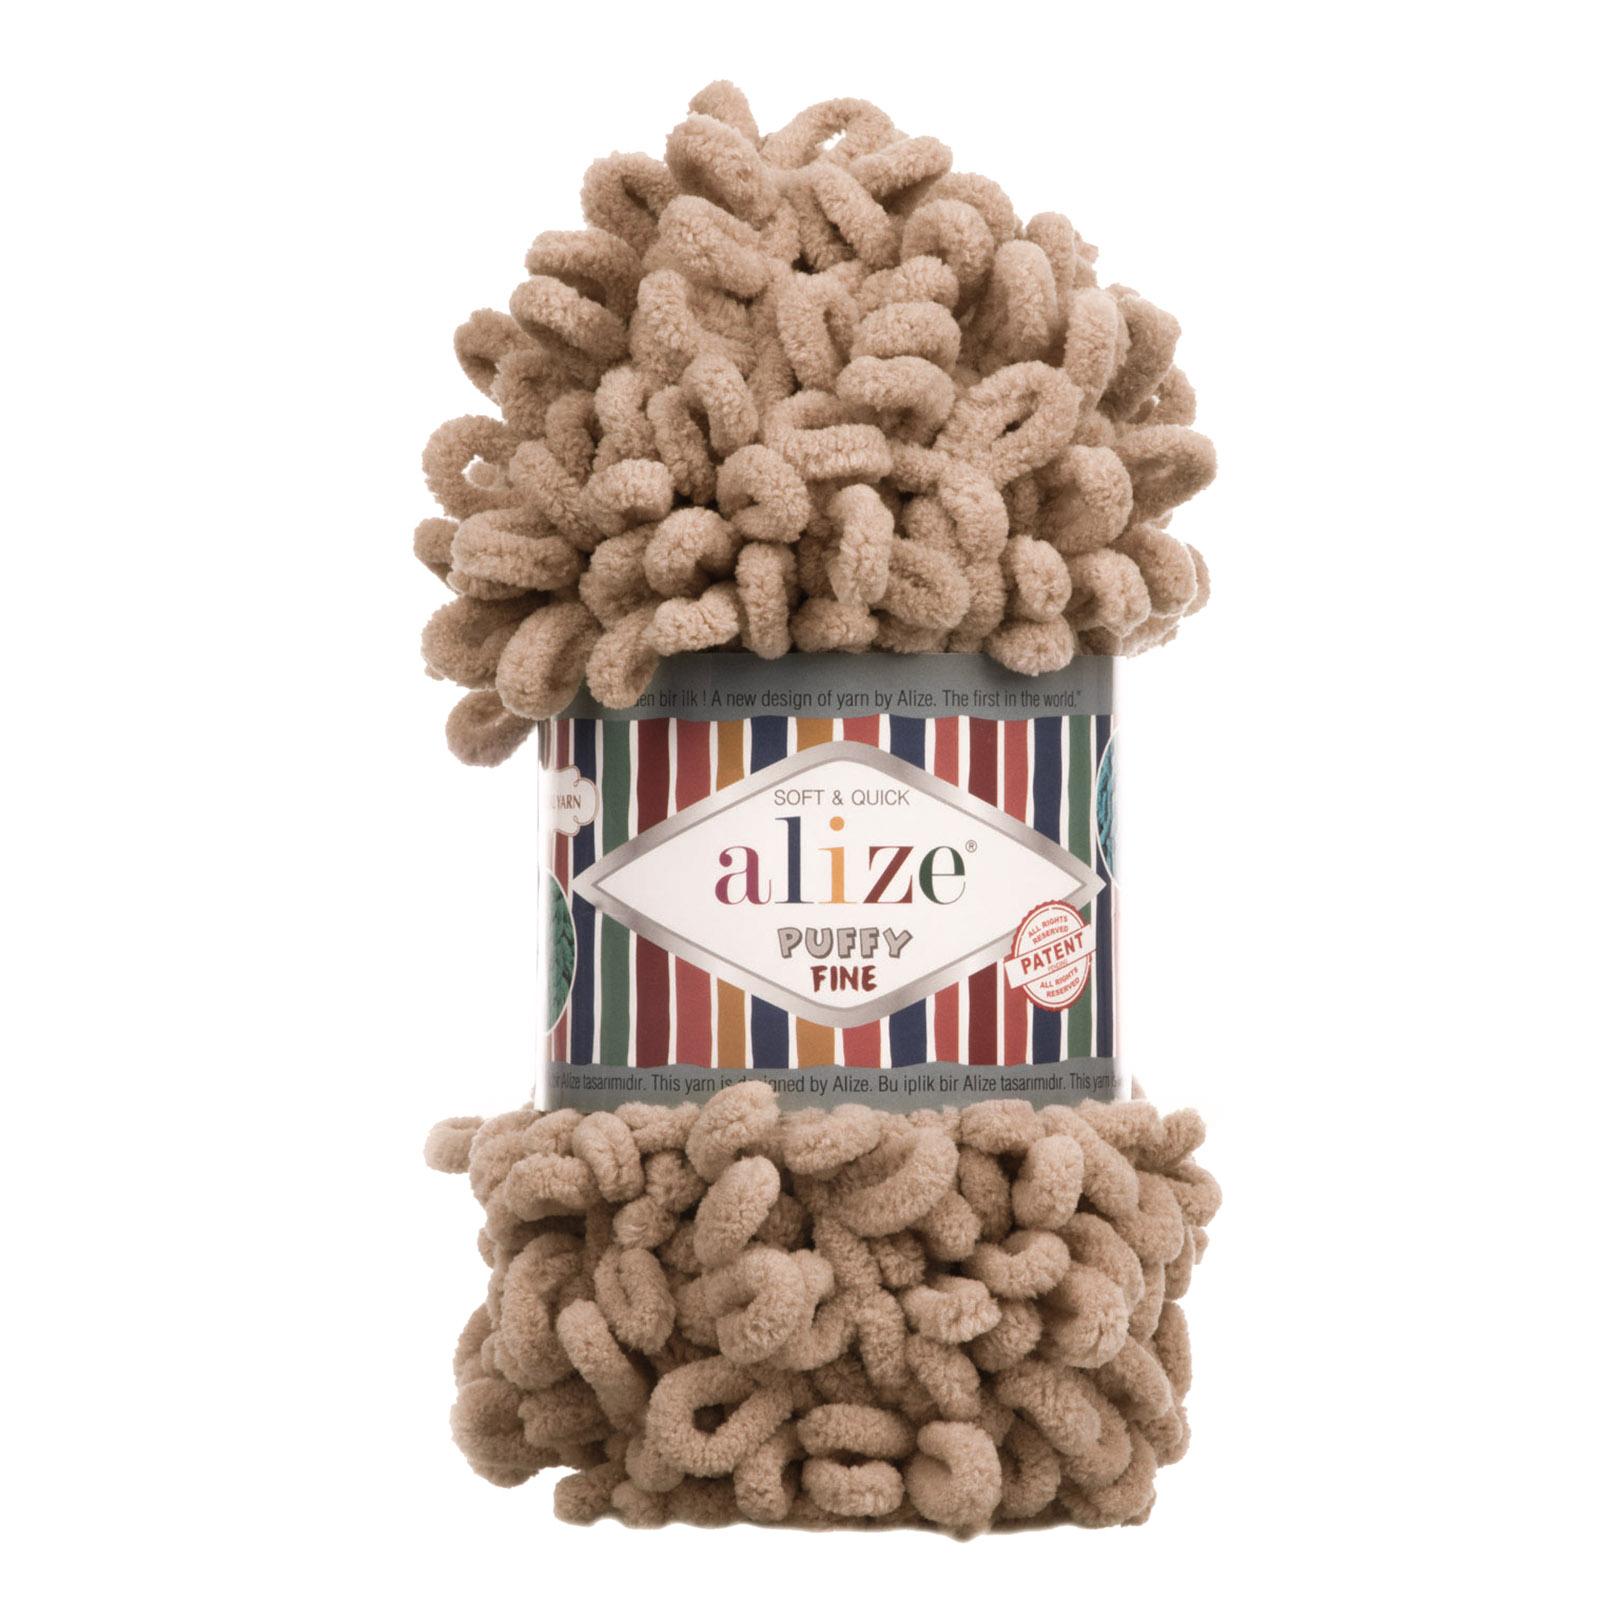 100g Strickgarn ALIZE Puffy Fine Uni, Fingerstrick Fingerstrick-Wolle ohne Nadel – Bild 14